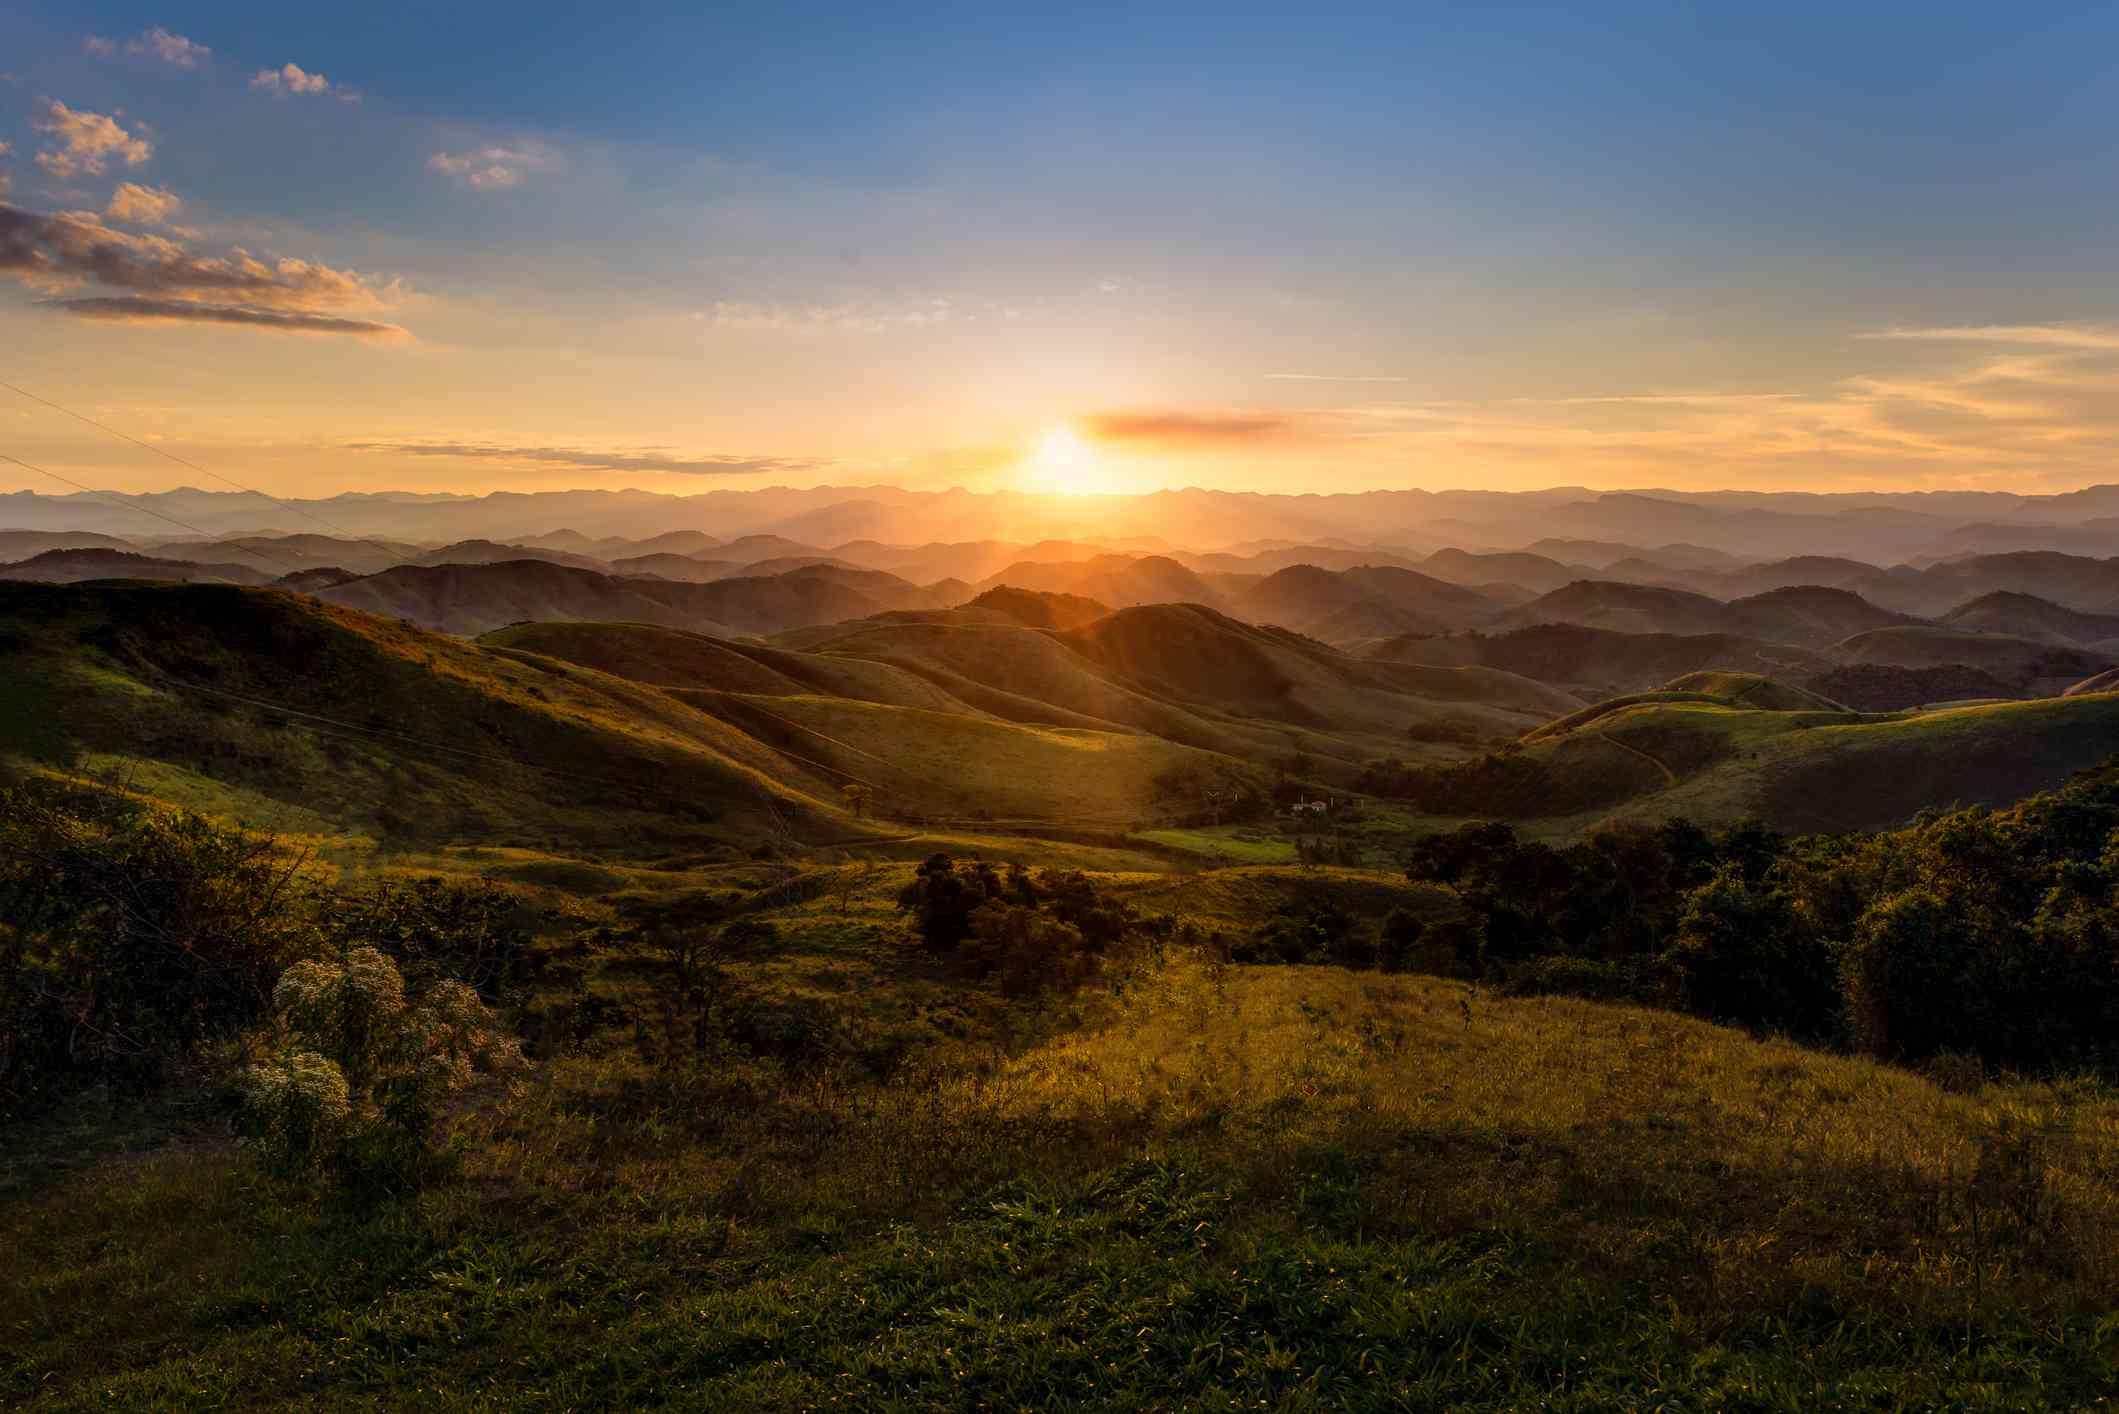 Sunset in Serra da Beleza mountains, between Rio de Janeiro and Minas Gerais states